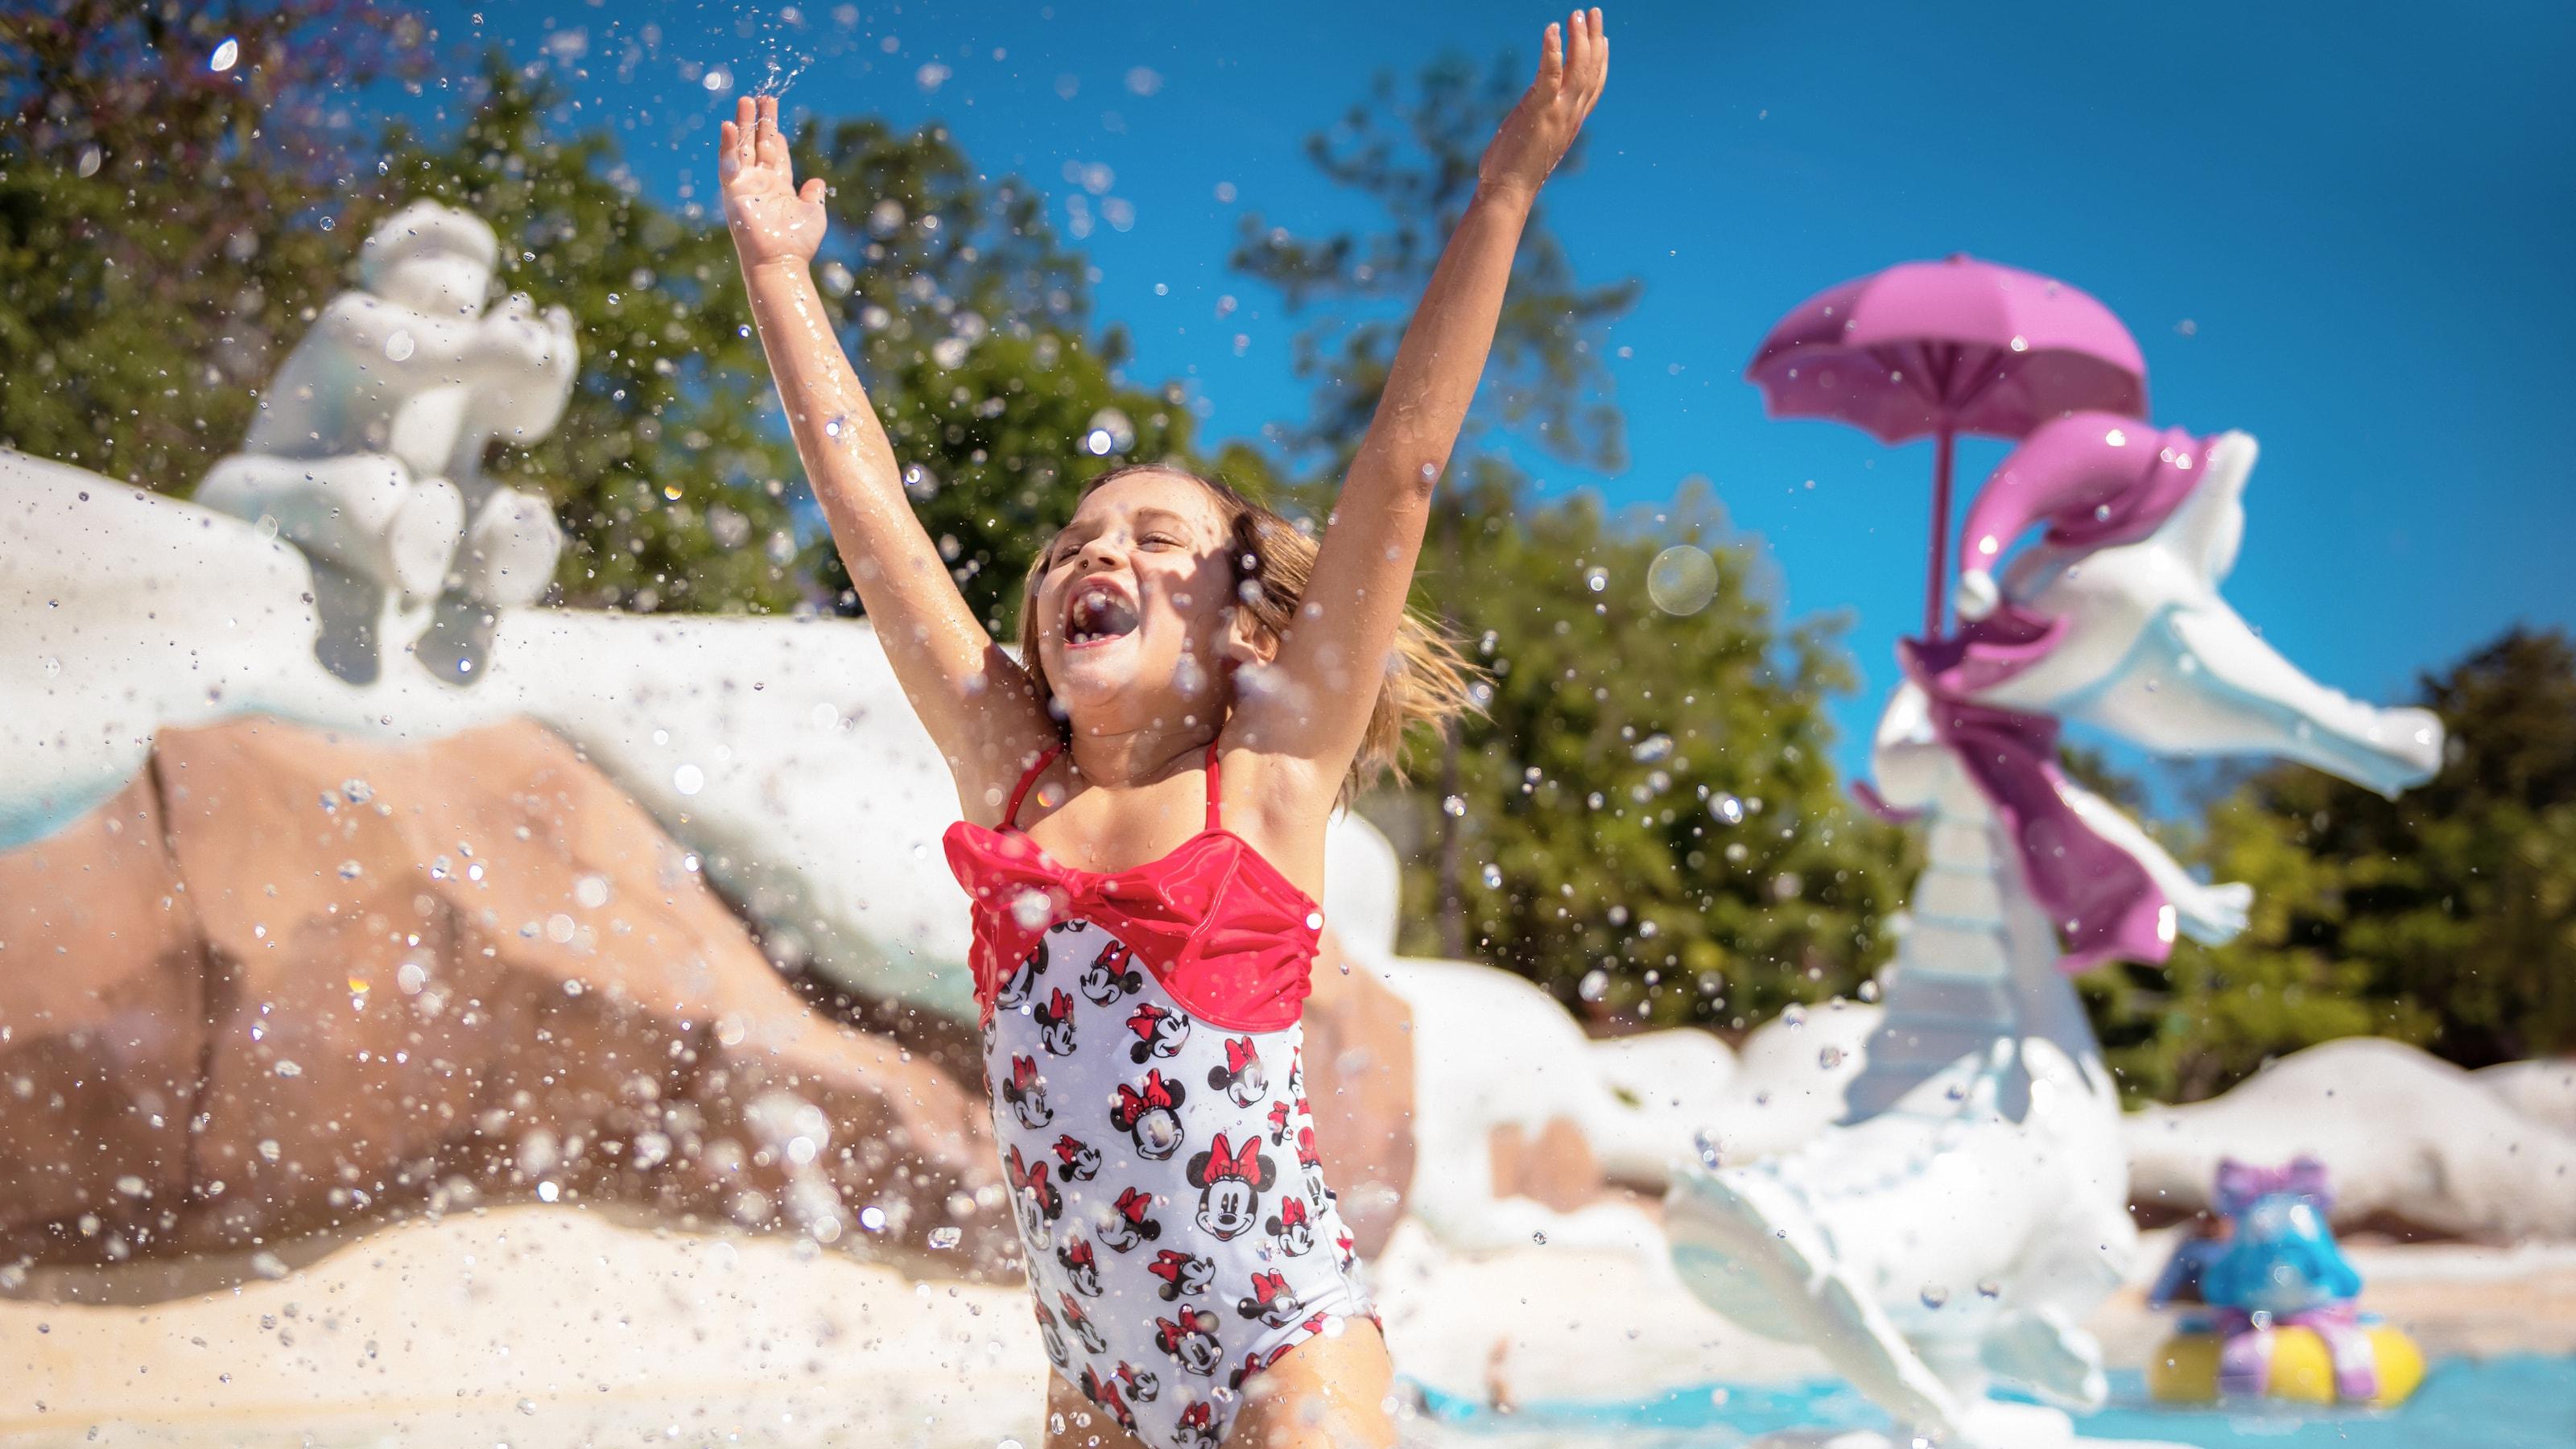 ミニーマウスの水着を着て、両手を挙げてプールで遊ぶ女の子